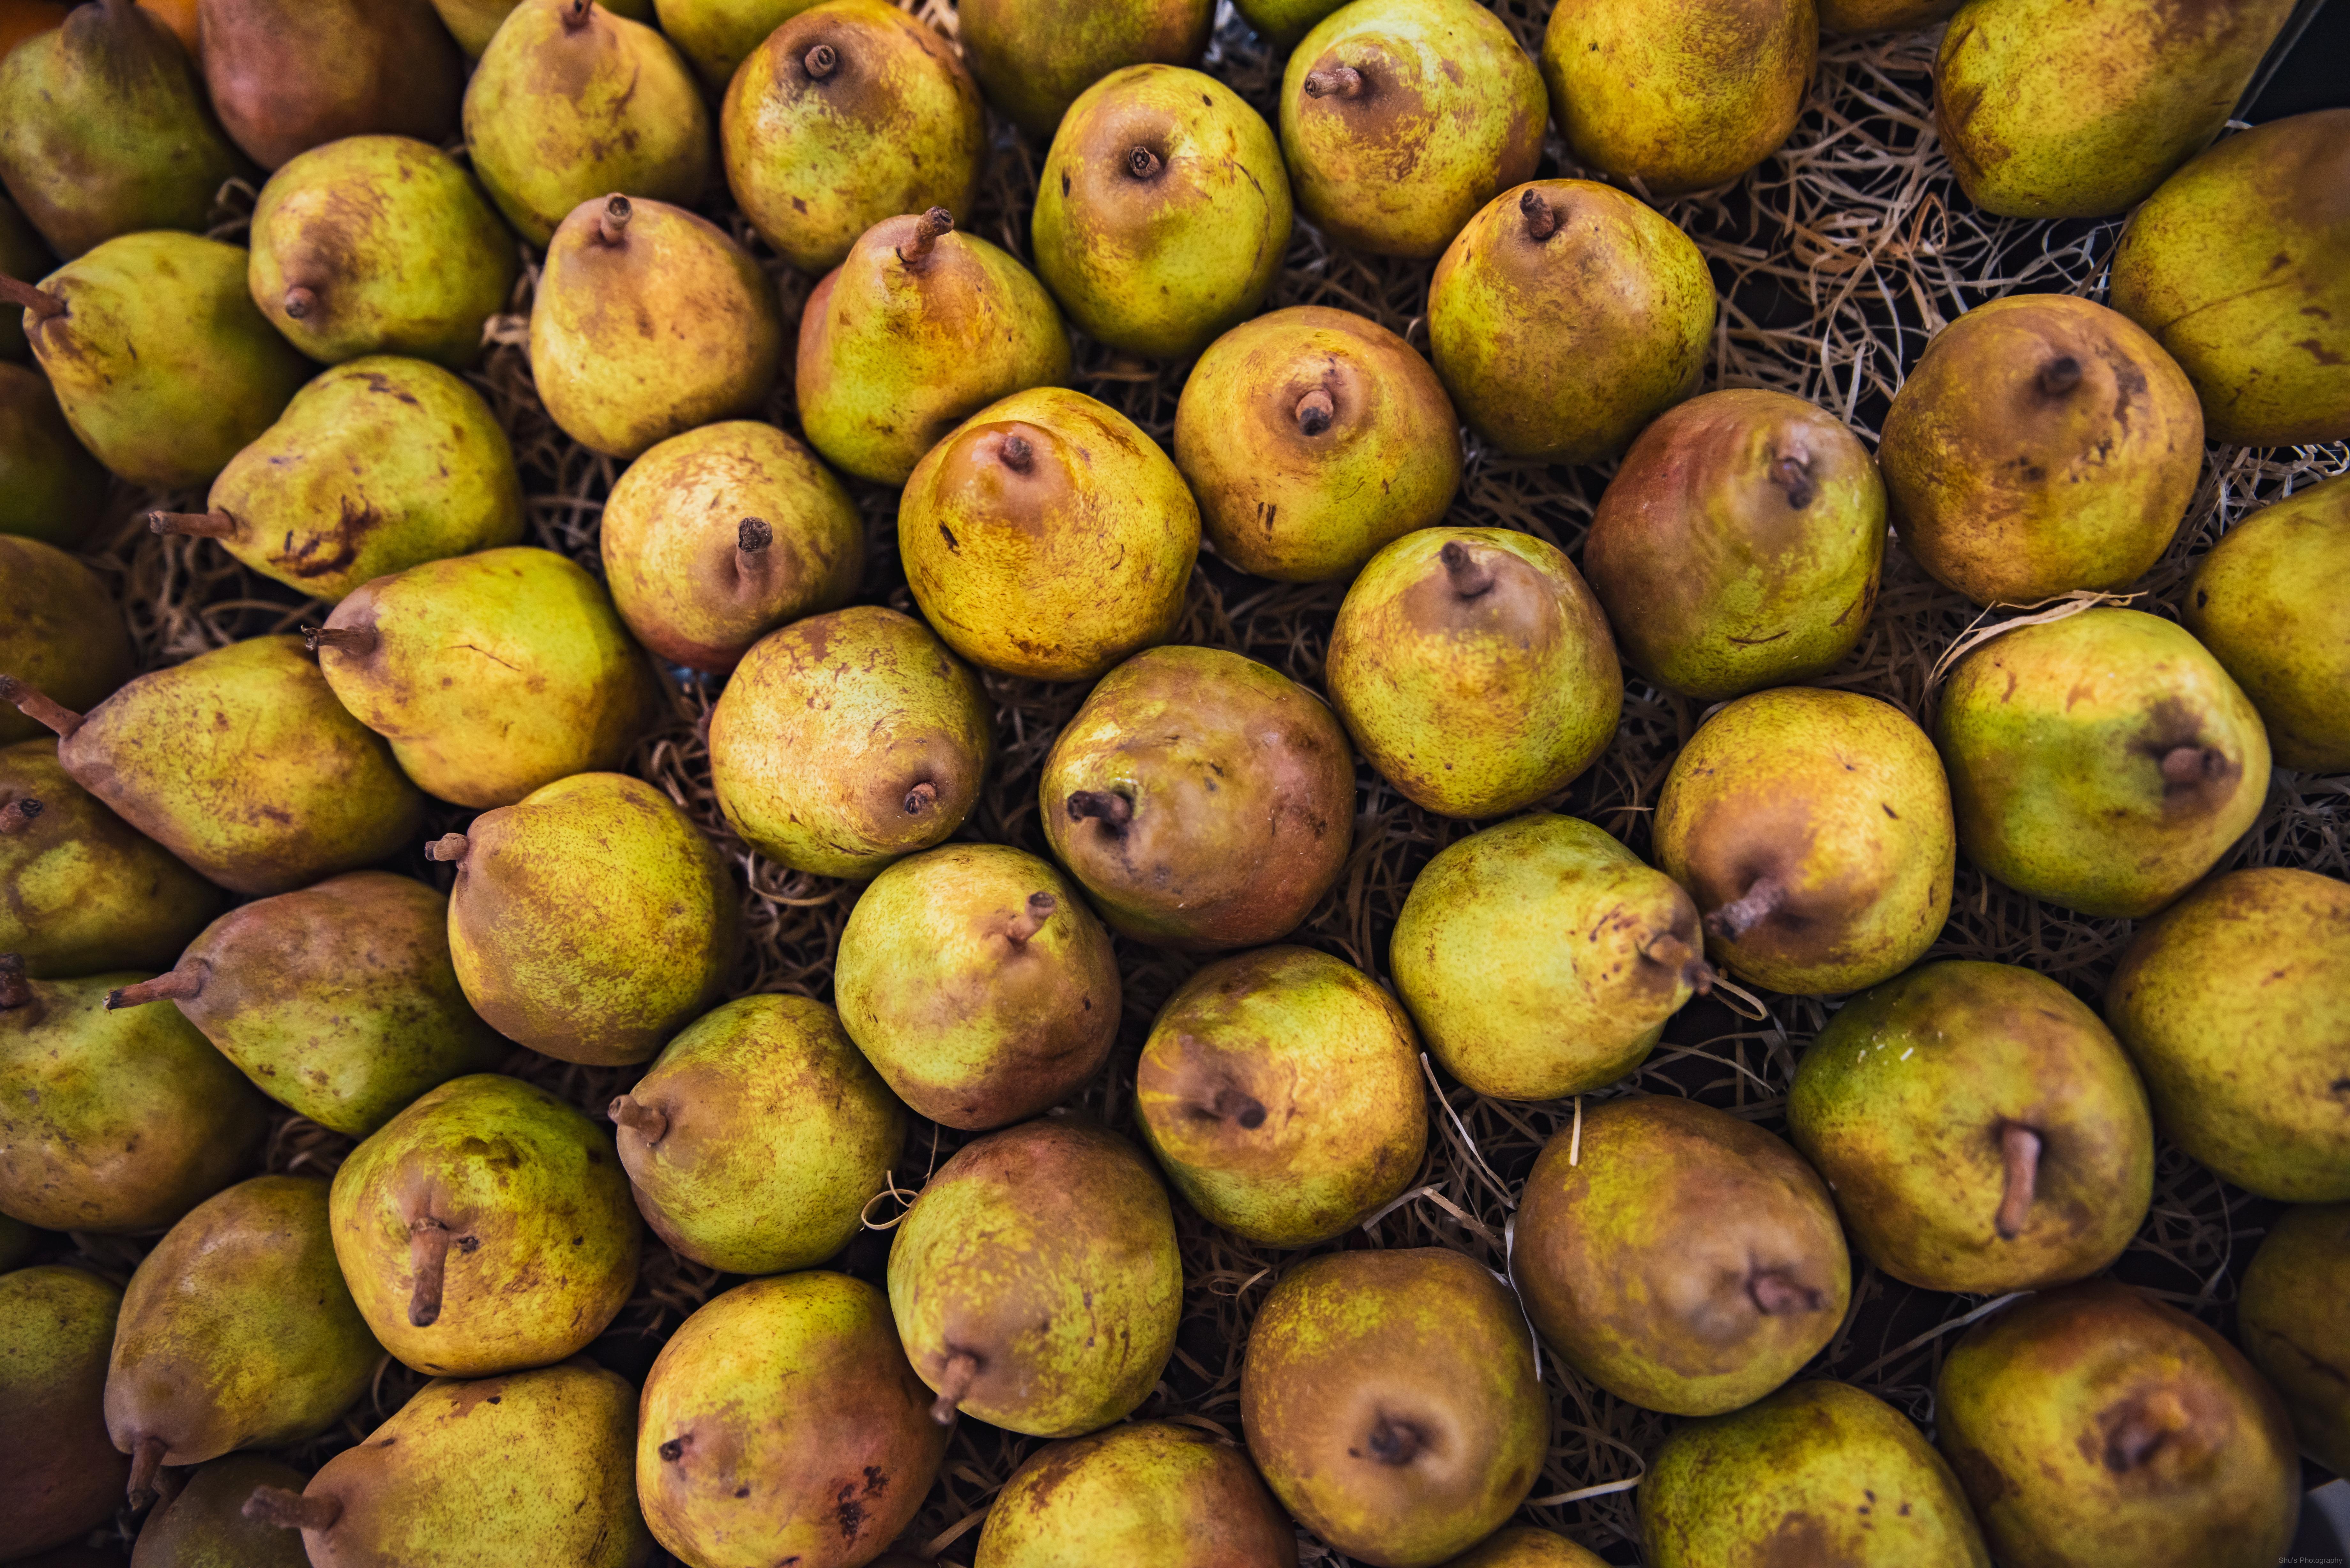 Fruit market - France